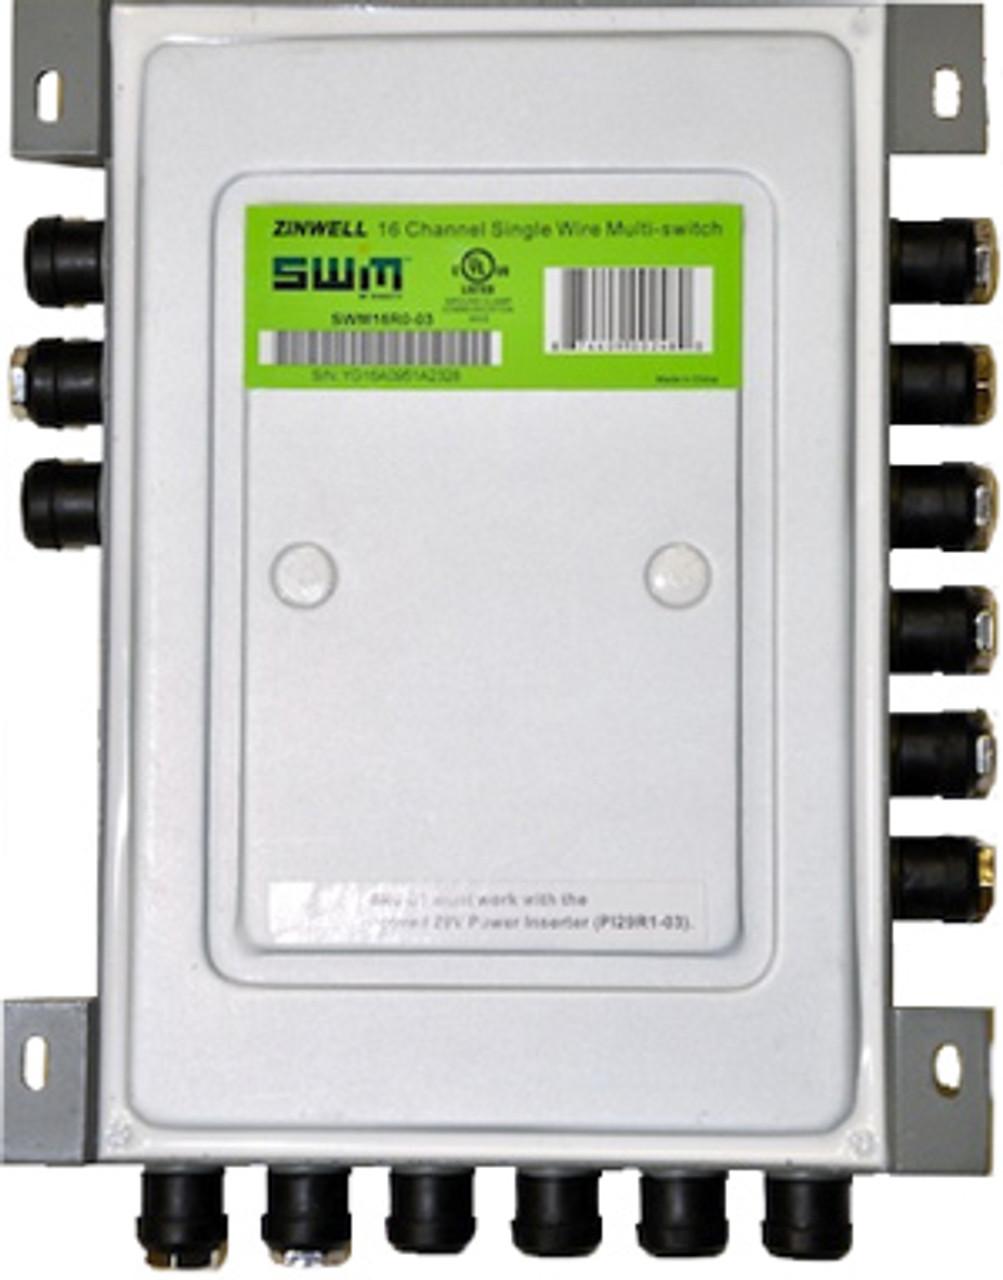 Directv Au9 Swm Wiring Diagram Get Free Image About Wiring Diagram